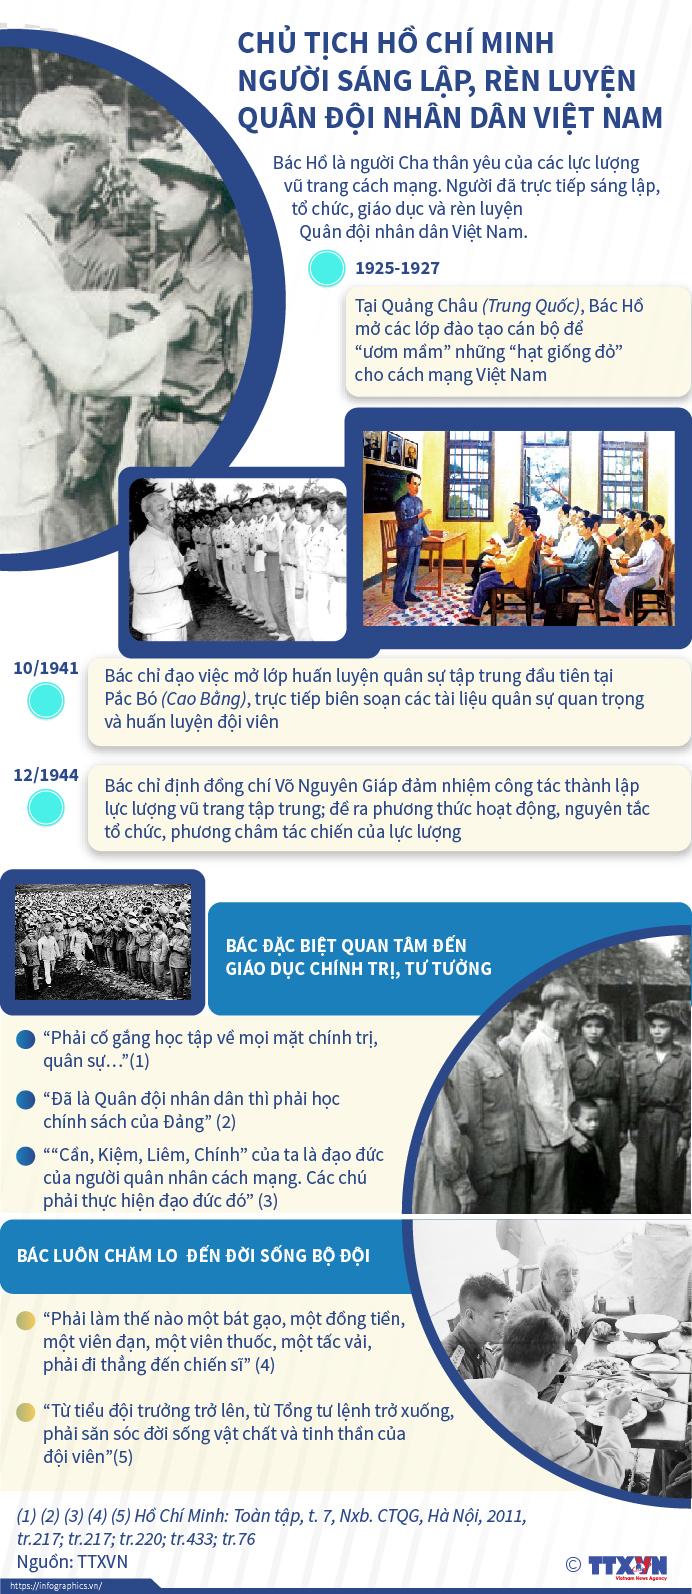 Chủ tịch Hồ Chí Minh Người sáng lập, rèn luyện Quân đội nhân dân Việt Nam